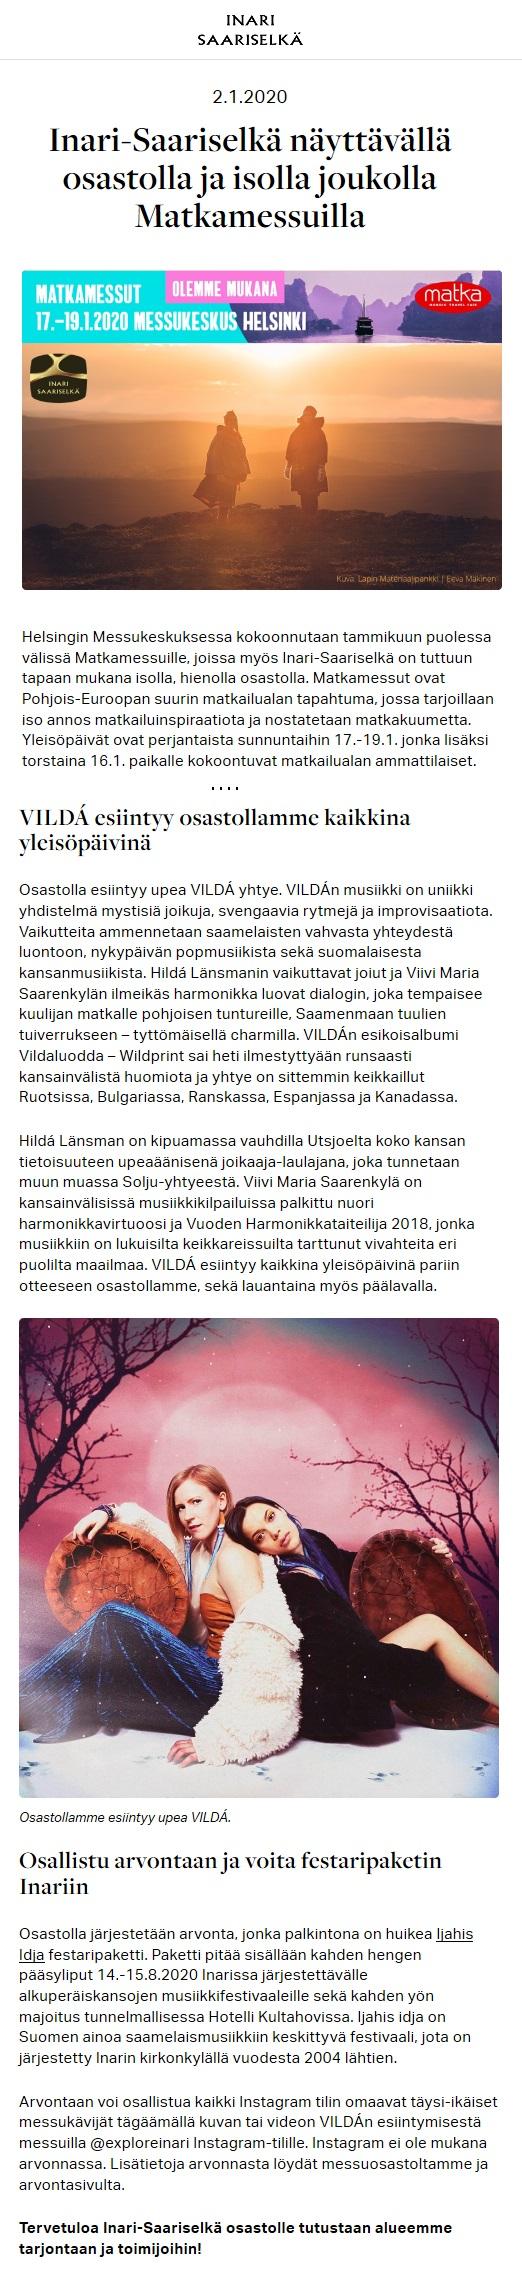 Inari-Saariselkä (Finland), 2.1.2020